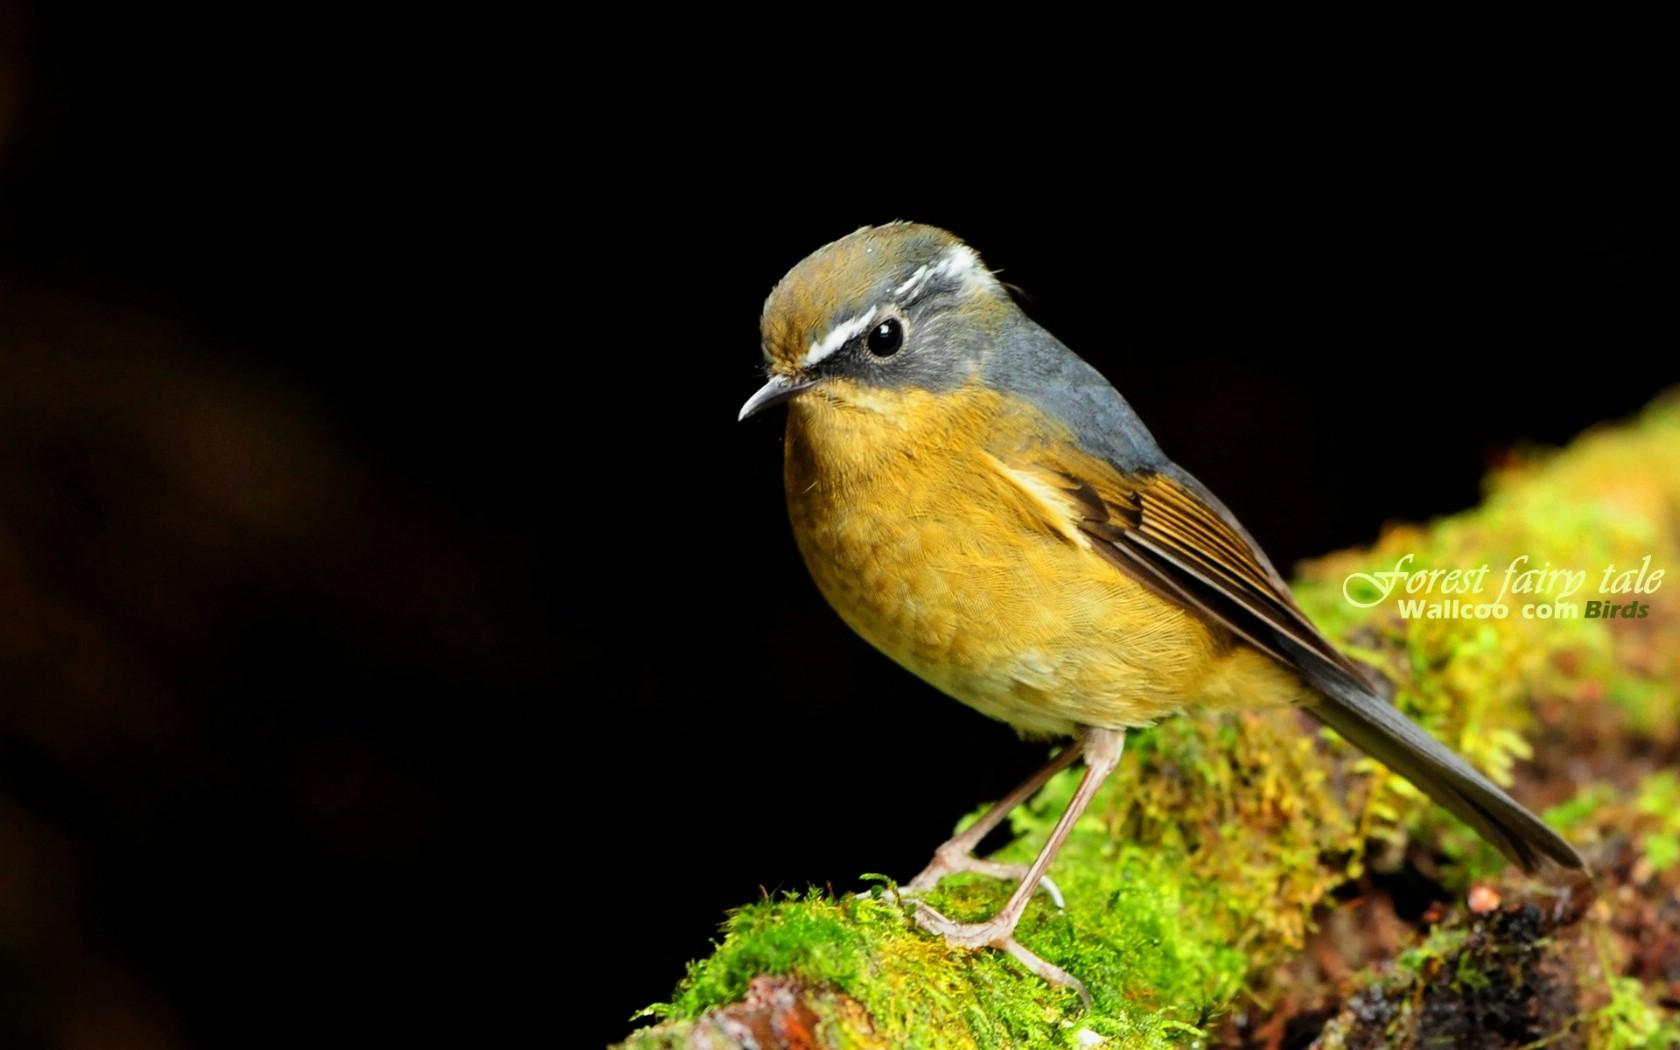 壁纸/树林里的小精灵春天可爱小鸟壁纸白眉林鸲灵气可爱小鸟图片...